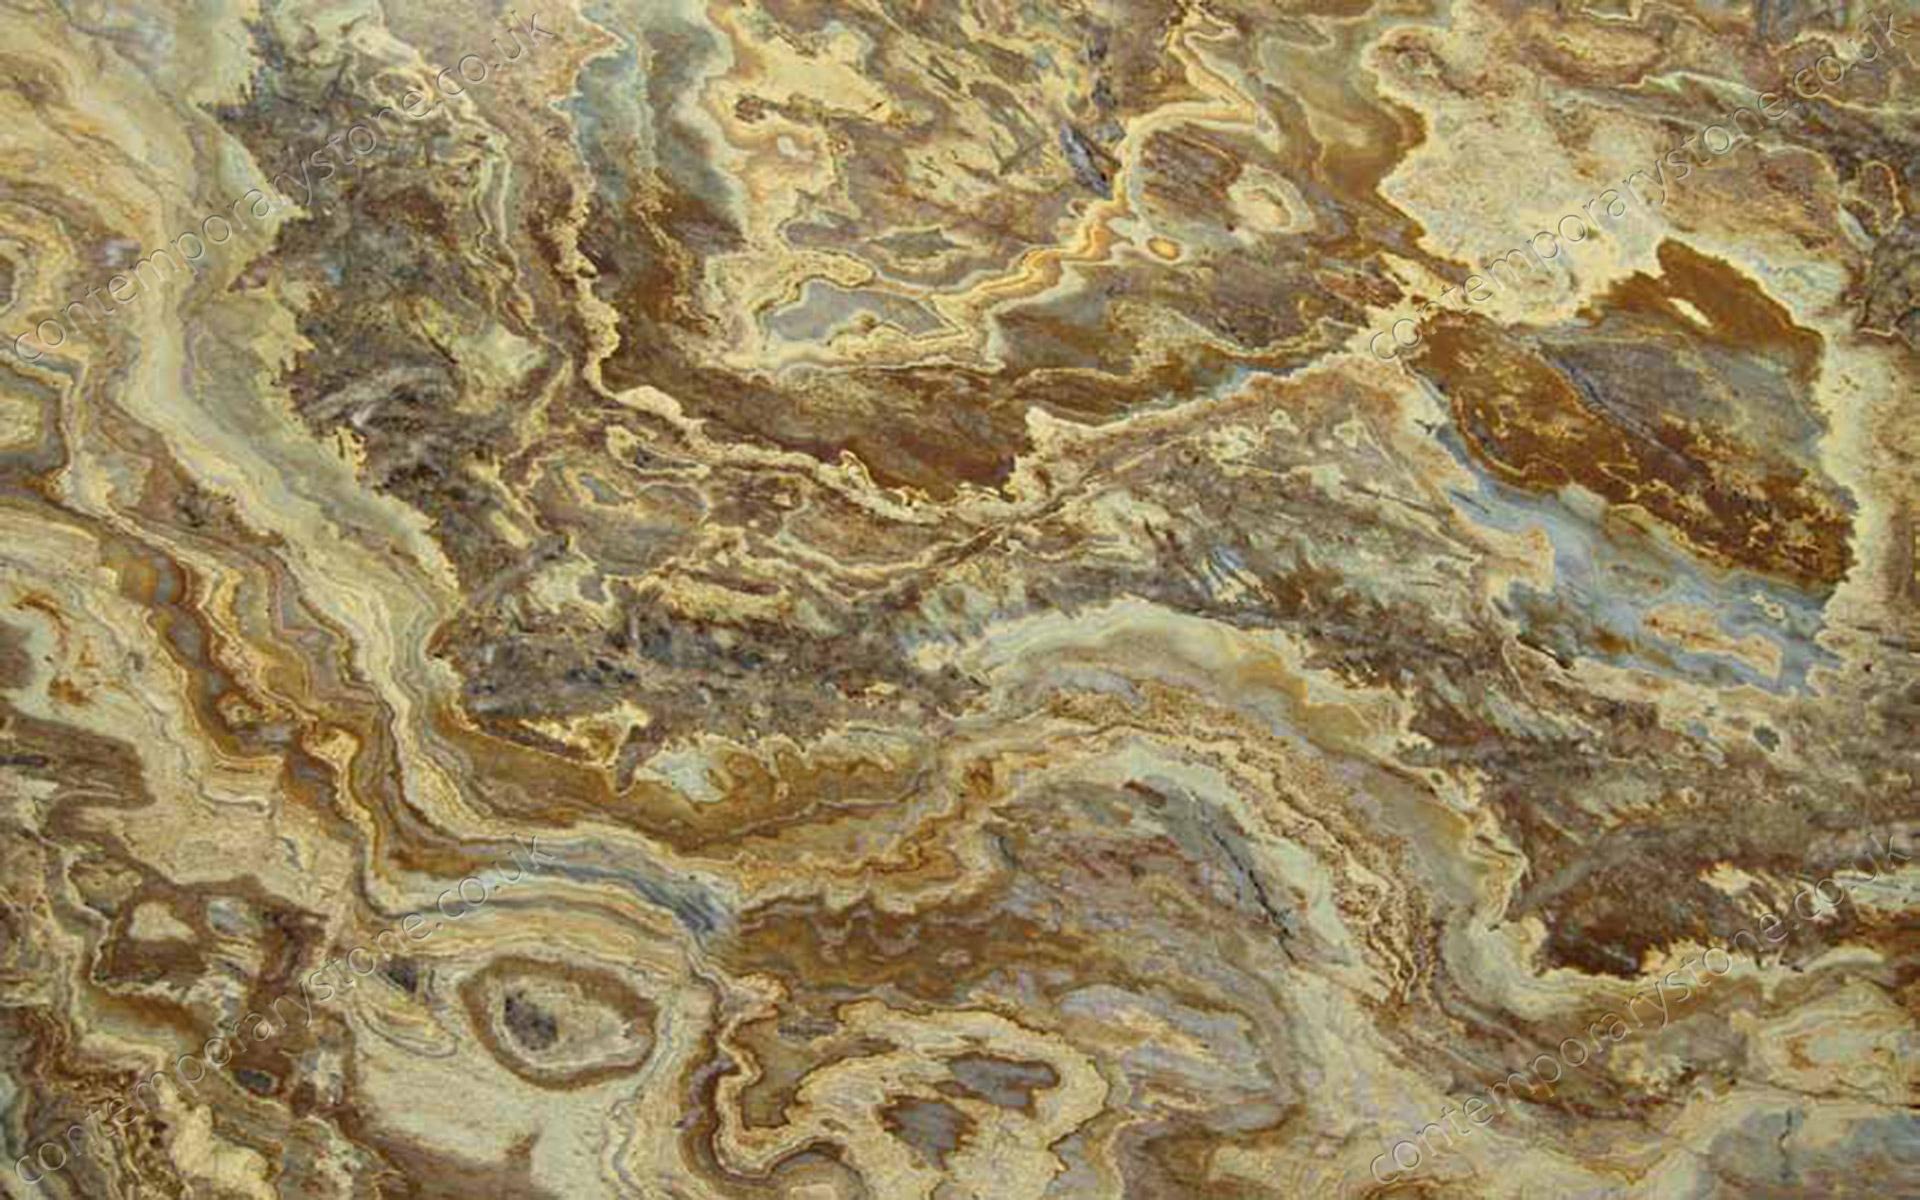 Yellow Bamboo granite close-up